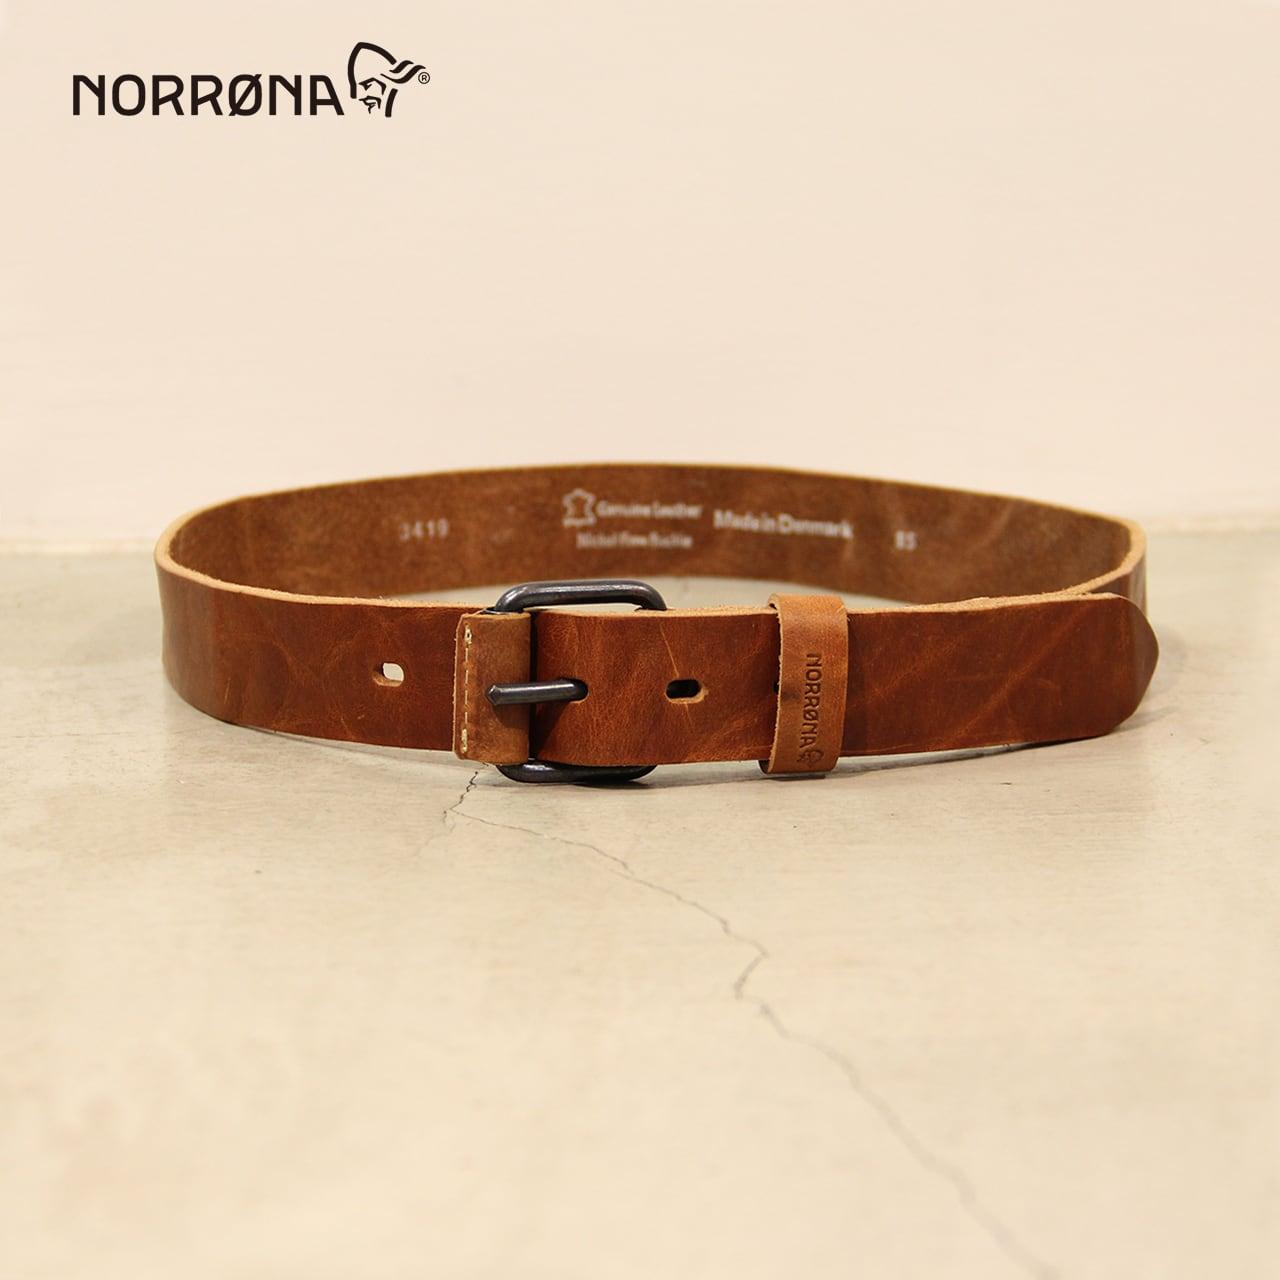 NORRONA   leather Belt